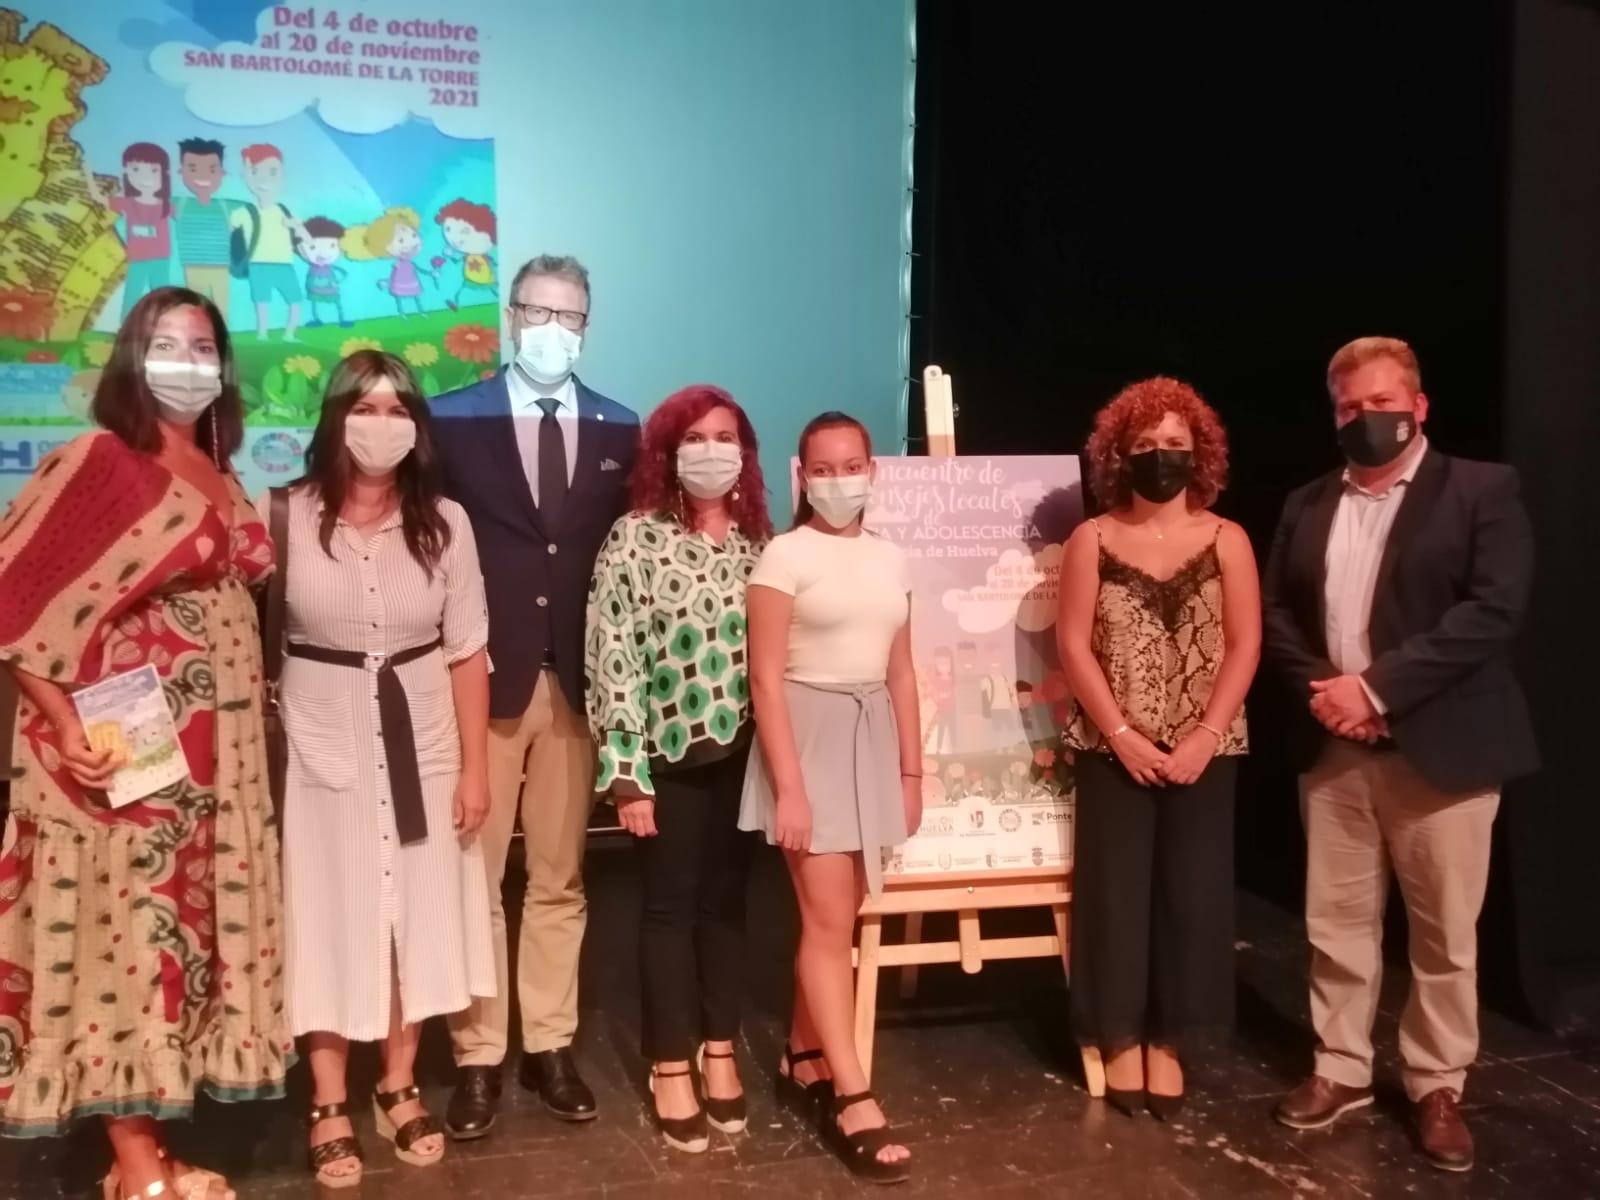 Isla Cristina estará presente en el V Encuentro Provincial de Consejos Locales de Infancia y Adolescencia que se celebrará en San Bartolomé de la Torre